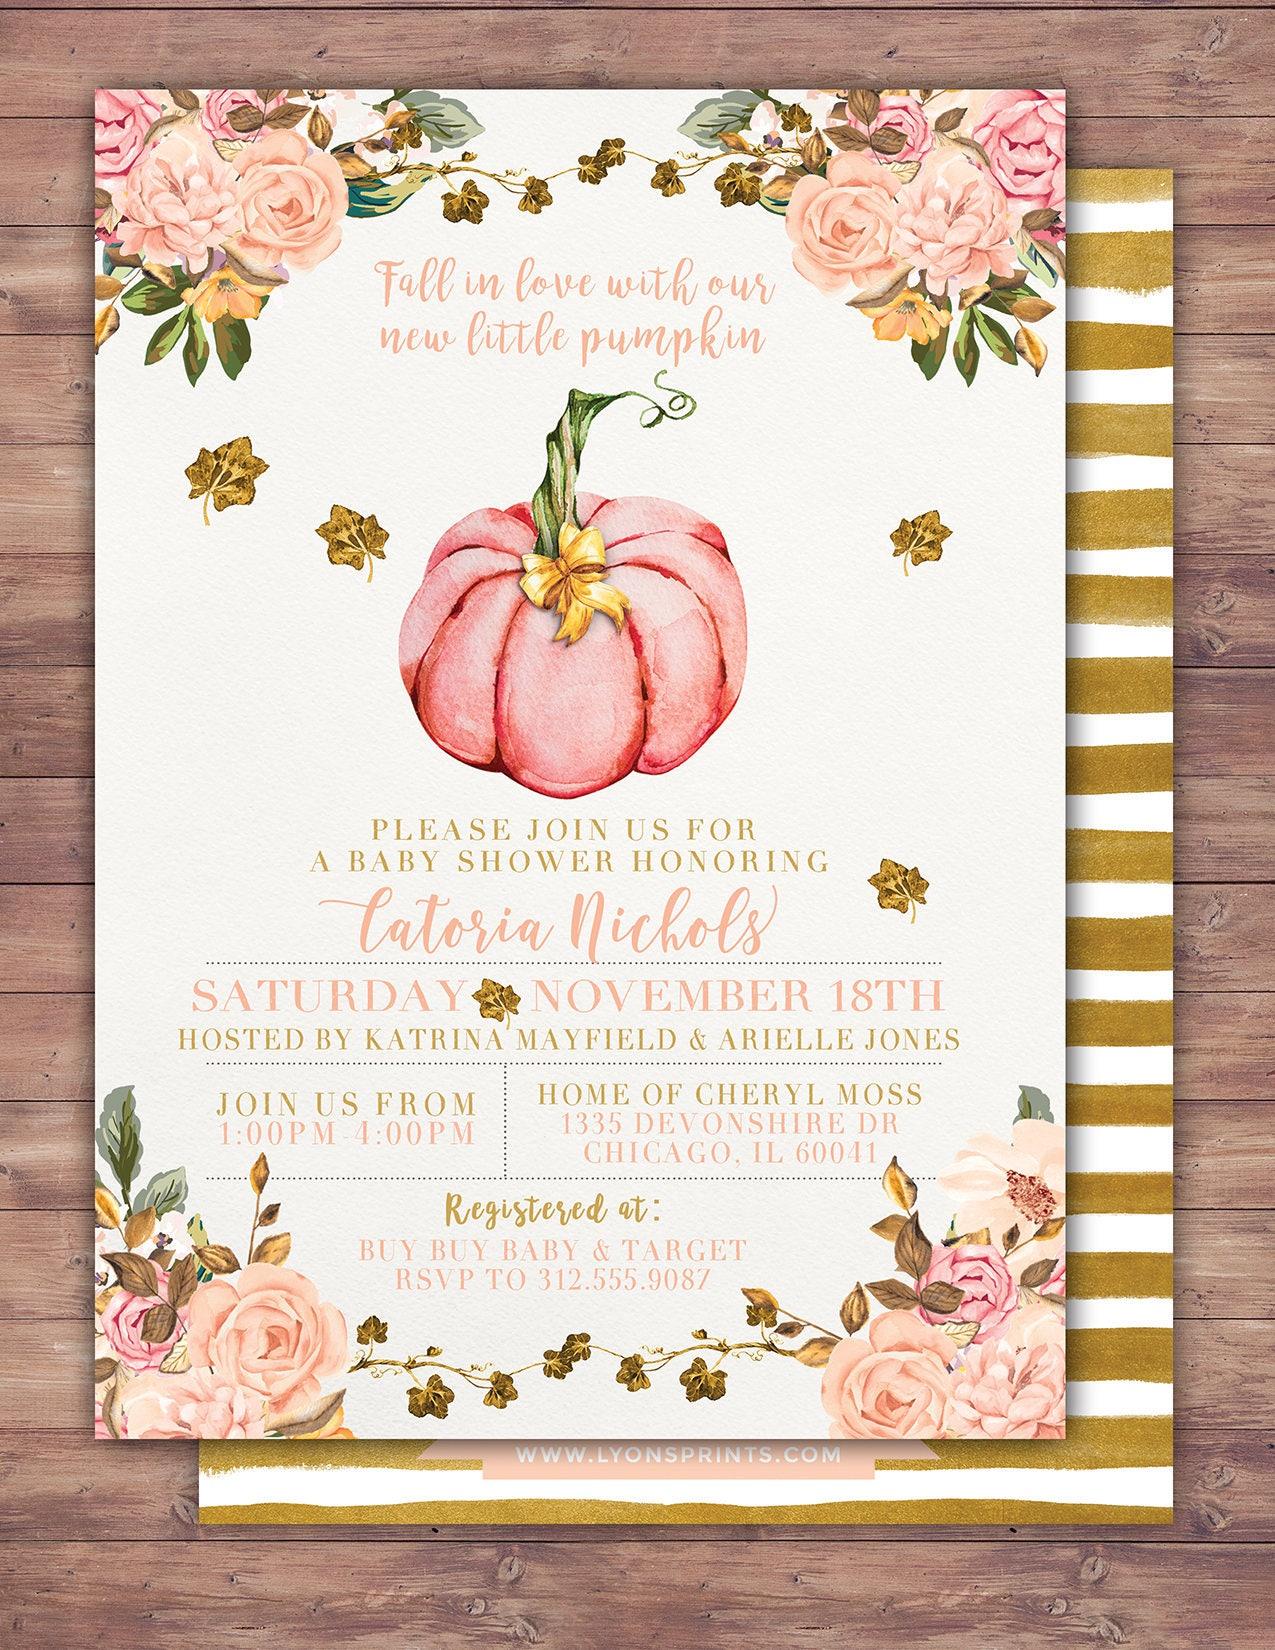 Girl Little Pumpkin Baby Shower Invitation, girl baby shower ...